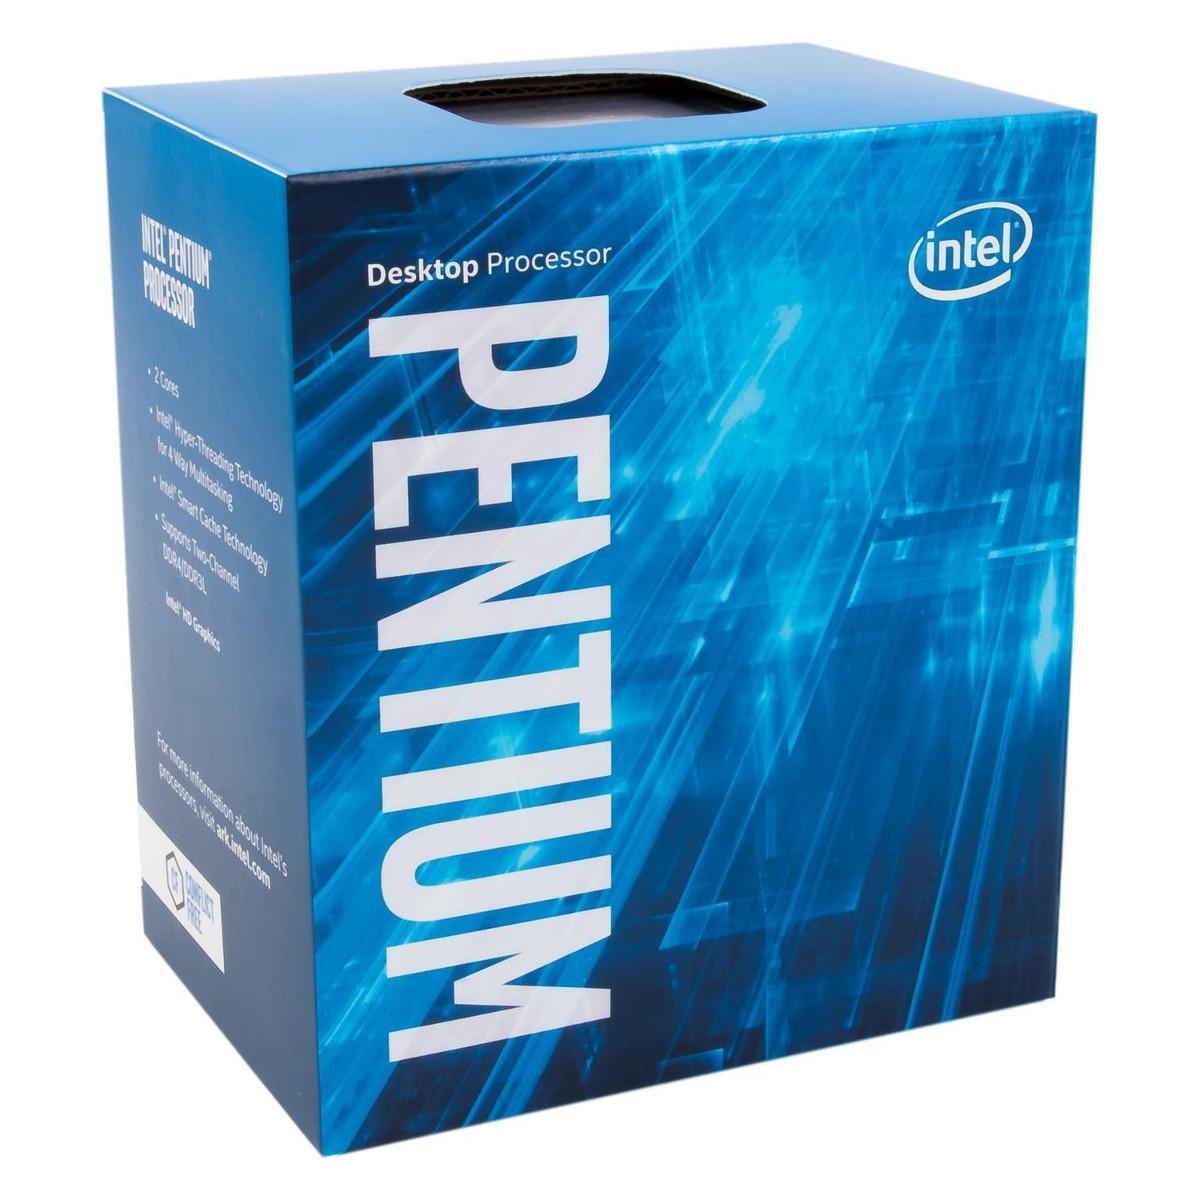 Intel Pentium G4560 3.5GHz LGA1151 BOX @Allegro